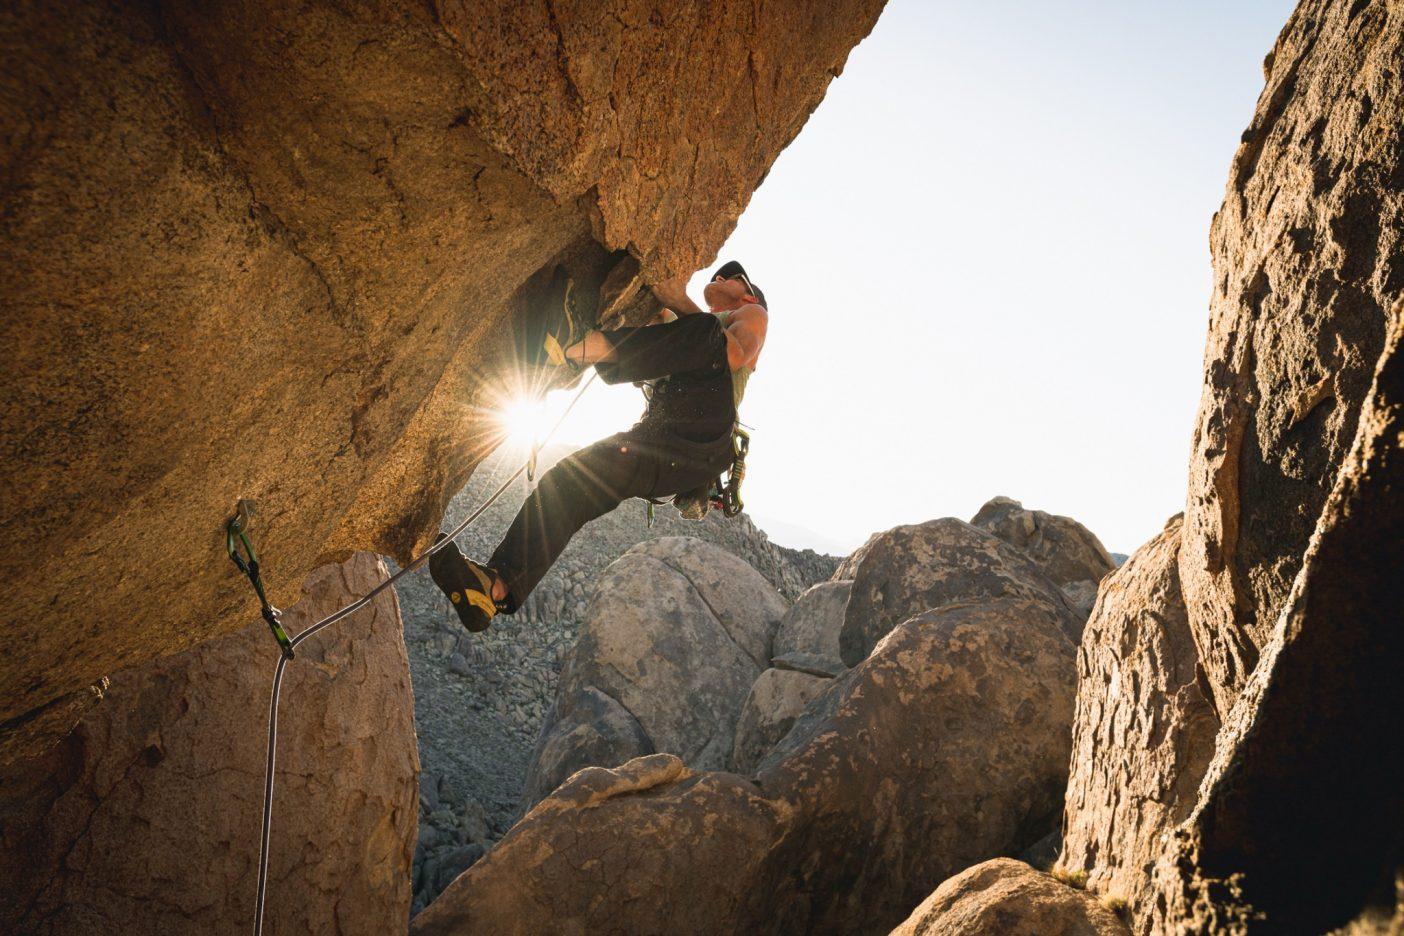 「Down not Out」(めげても、やめるな)は、緑青のもろい板状の岩を利用しなければならないヒルズ周辺のクライマーの合言葉だ。しかし、ヒルズのクライミング歴10年のマイルズ・モーザーは、頑丈な岩場を知っている。モーザーはジョーブレーカー(5.11d)に向けて大きなヒールフックを放つ。Photo: Matthew Tufts